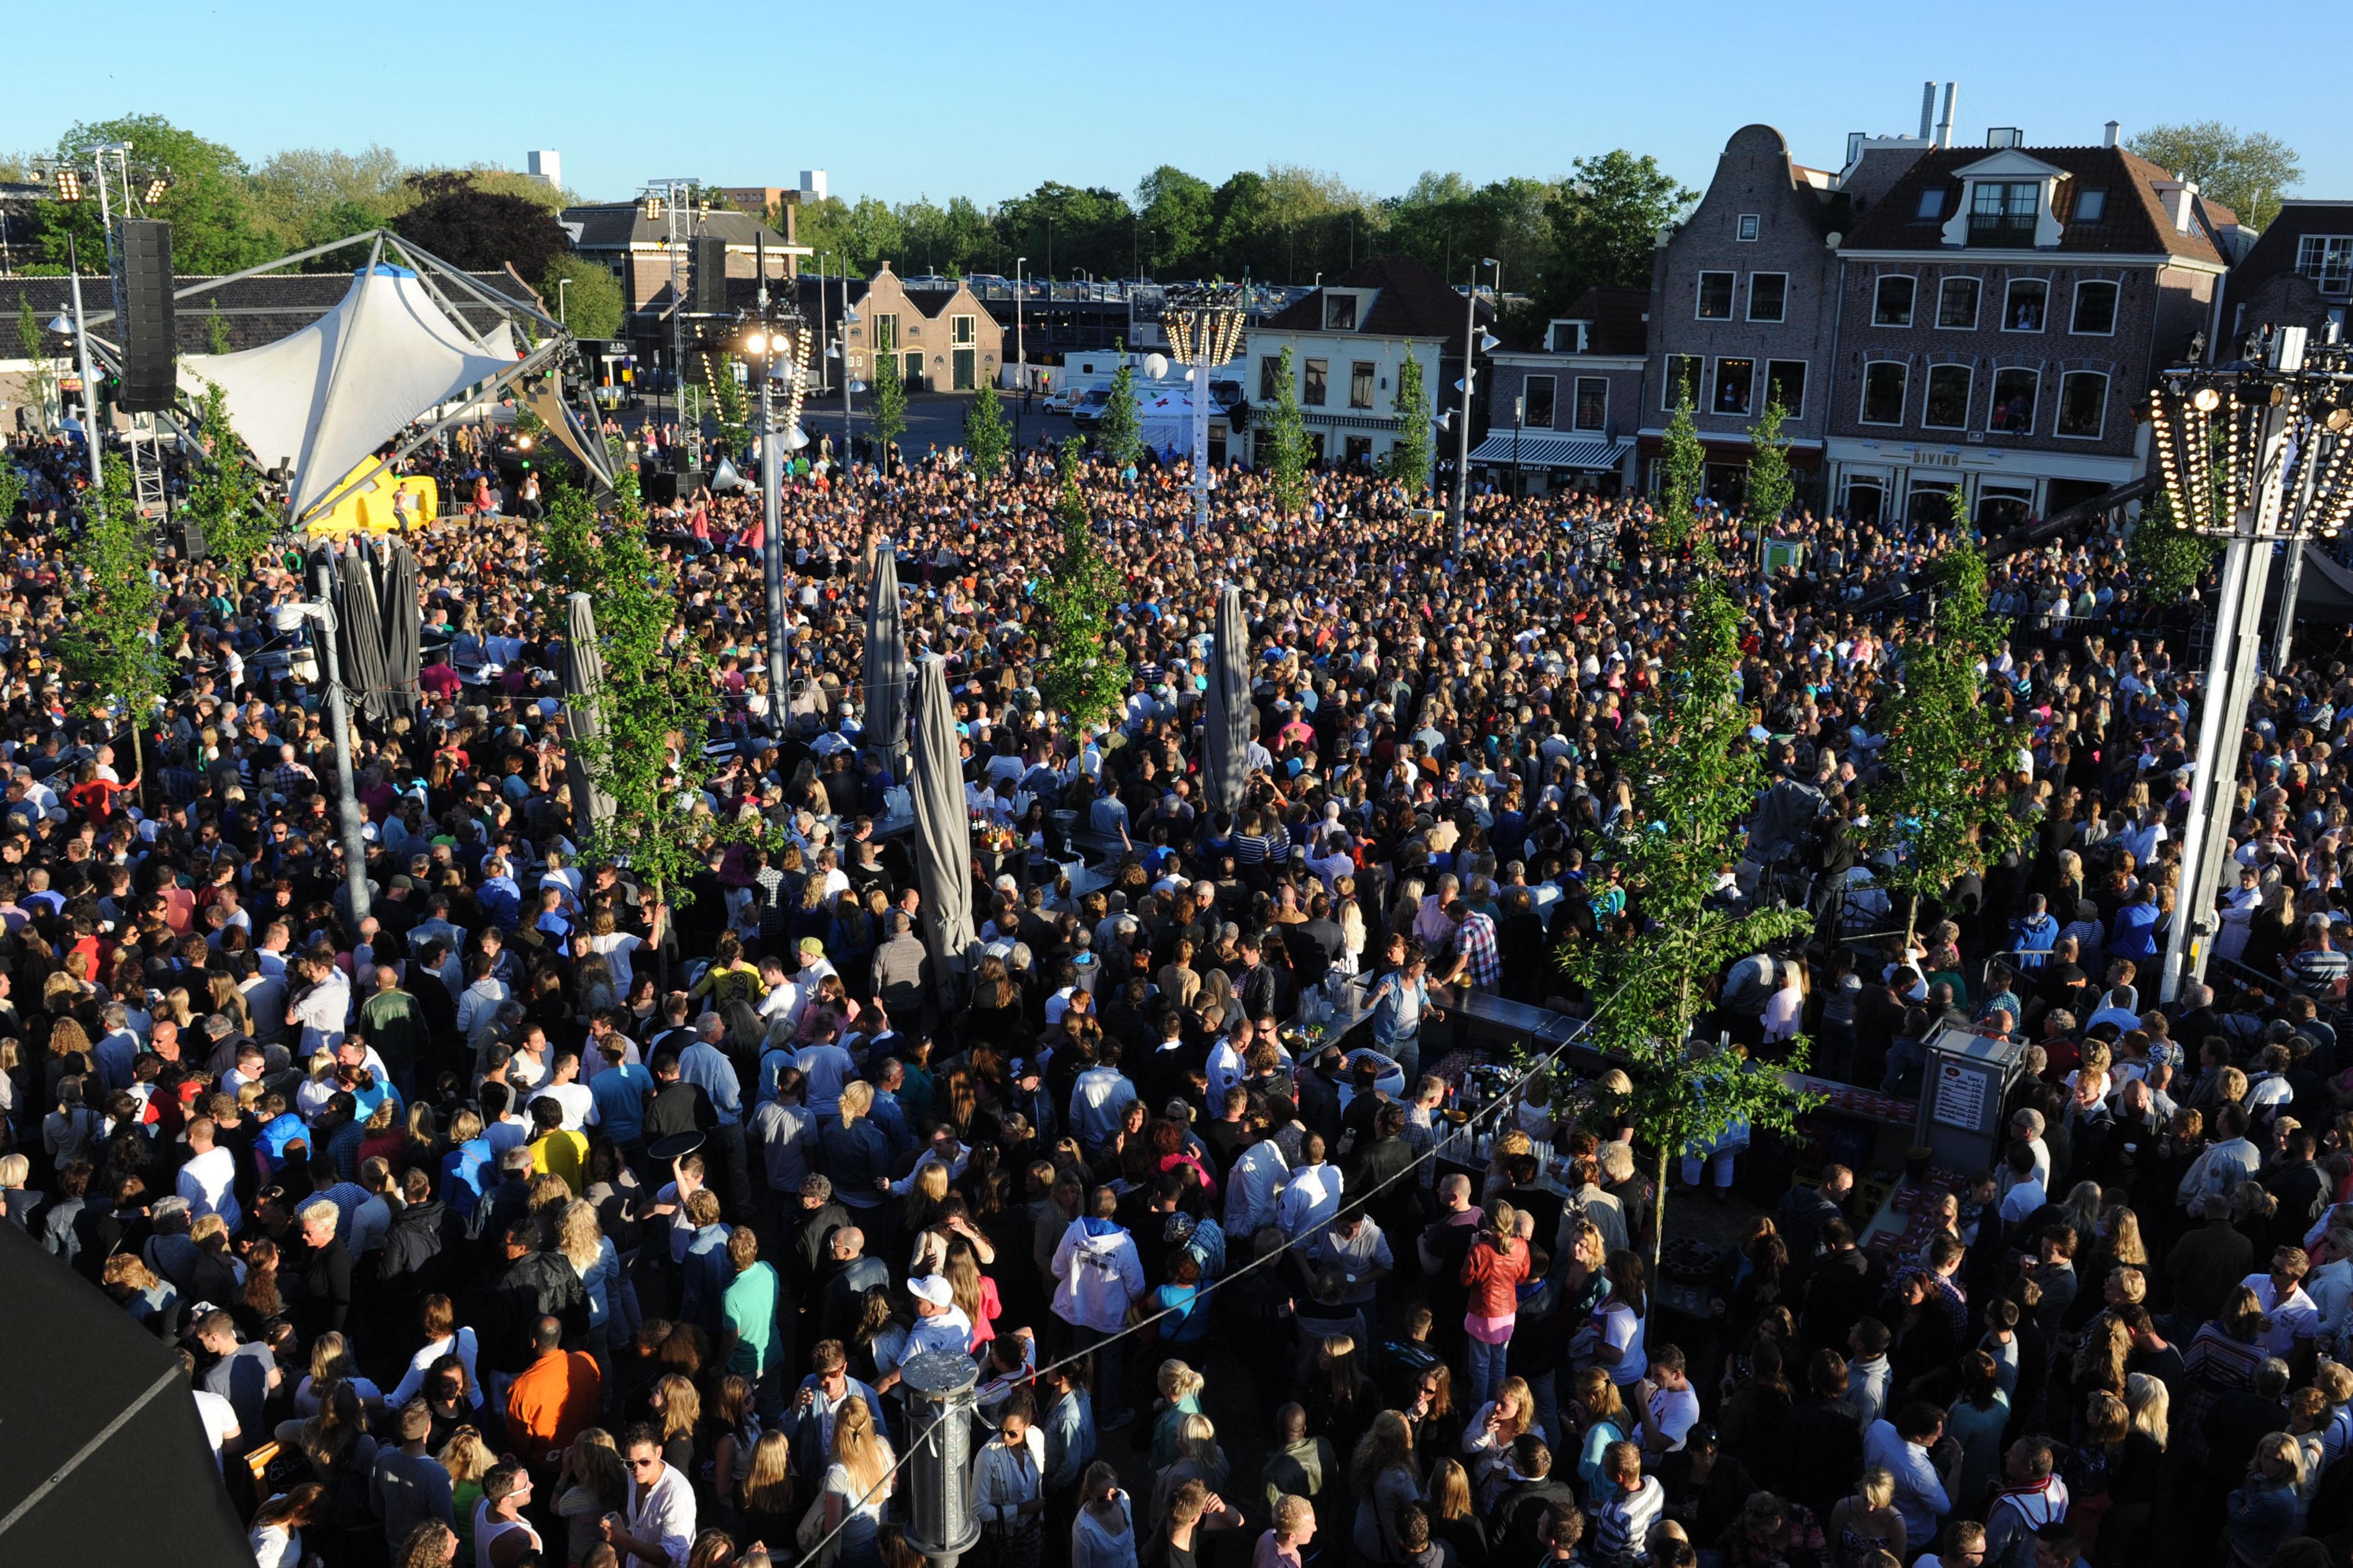 Volgens de initiatiefnemers van citymarketing gebeurt er al heel veel in Purmerend. Zoals destijds het muziekfeest van de Tros met onder andere Jan Smit. Een barstensvolle Koemarkt was hier getuige van. (Foto: Han Giskes)